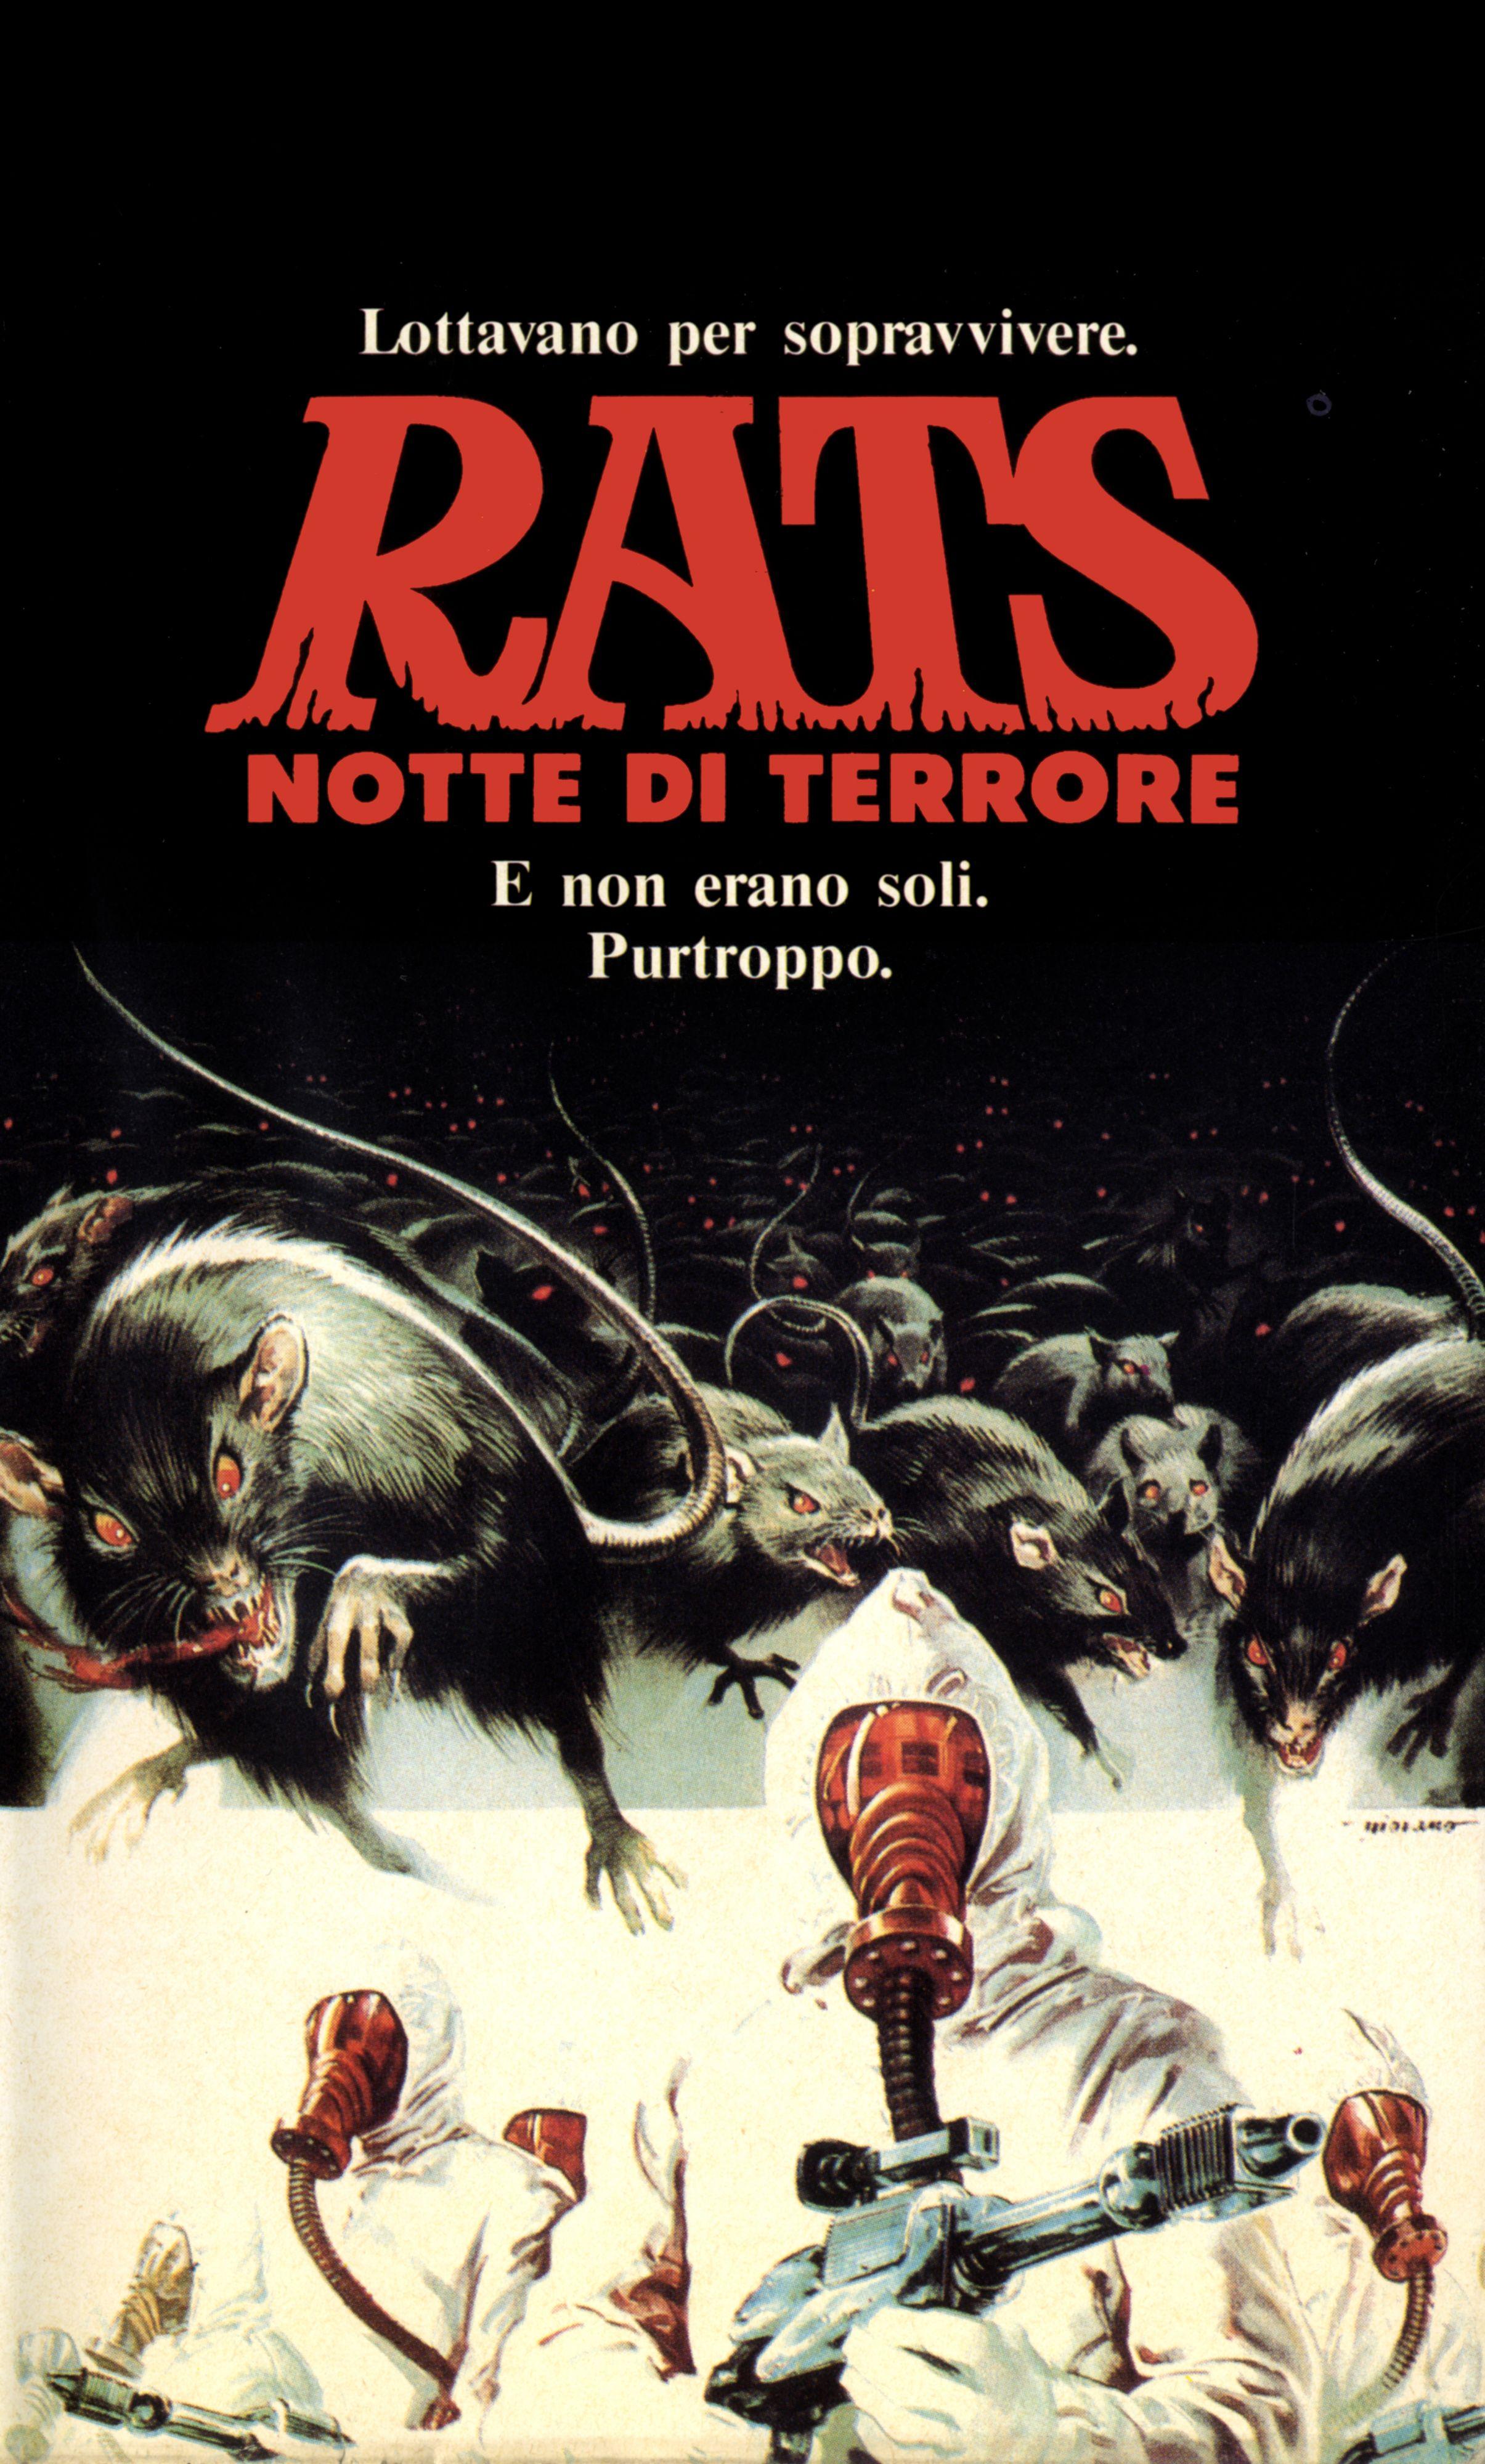 Filme O Dia Do Terror throughout filme: ratos - noite de terror (rats - night of terror) sinopse